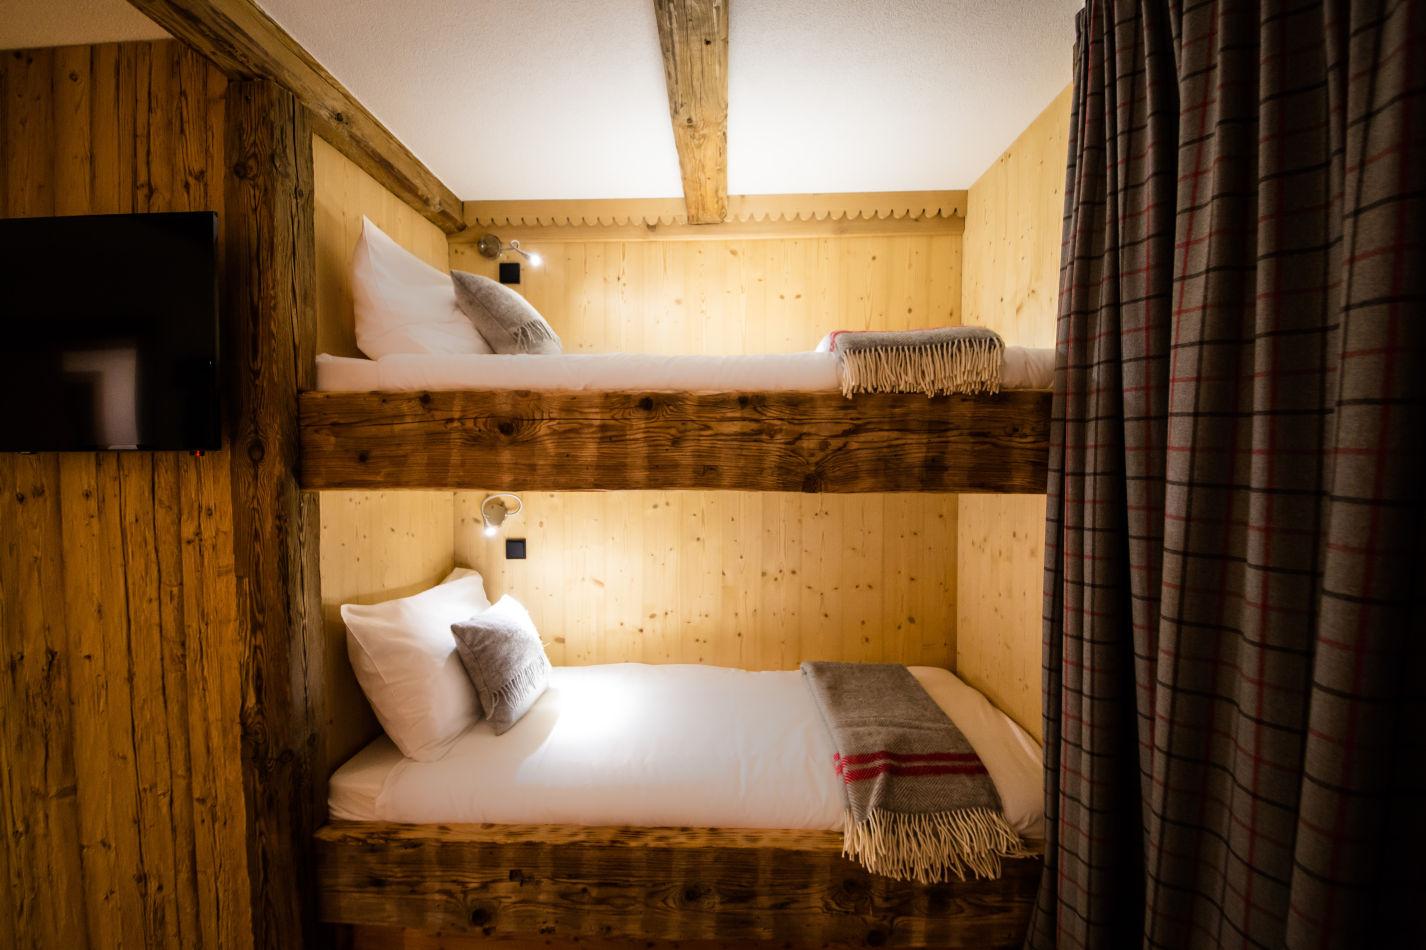 53-bunk-beds-2